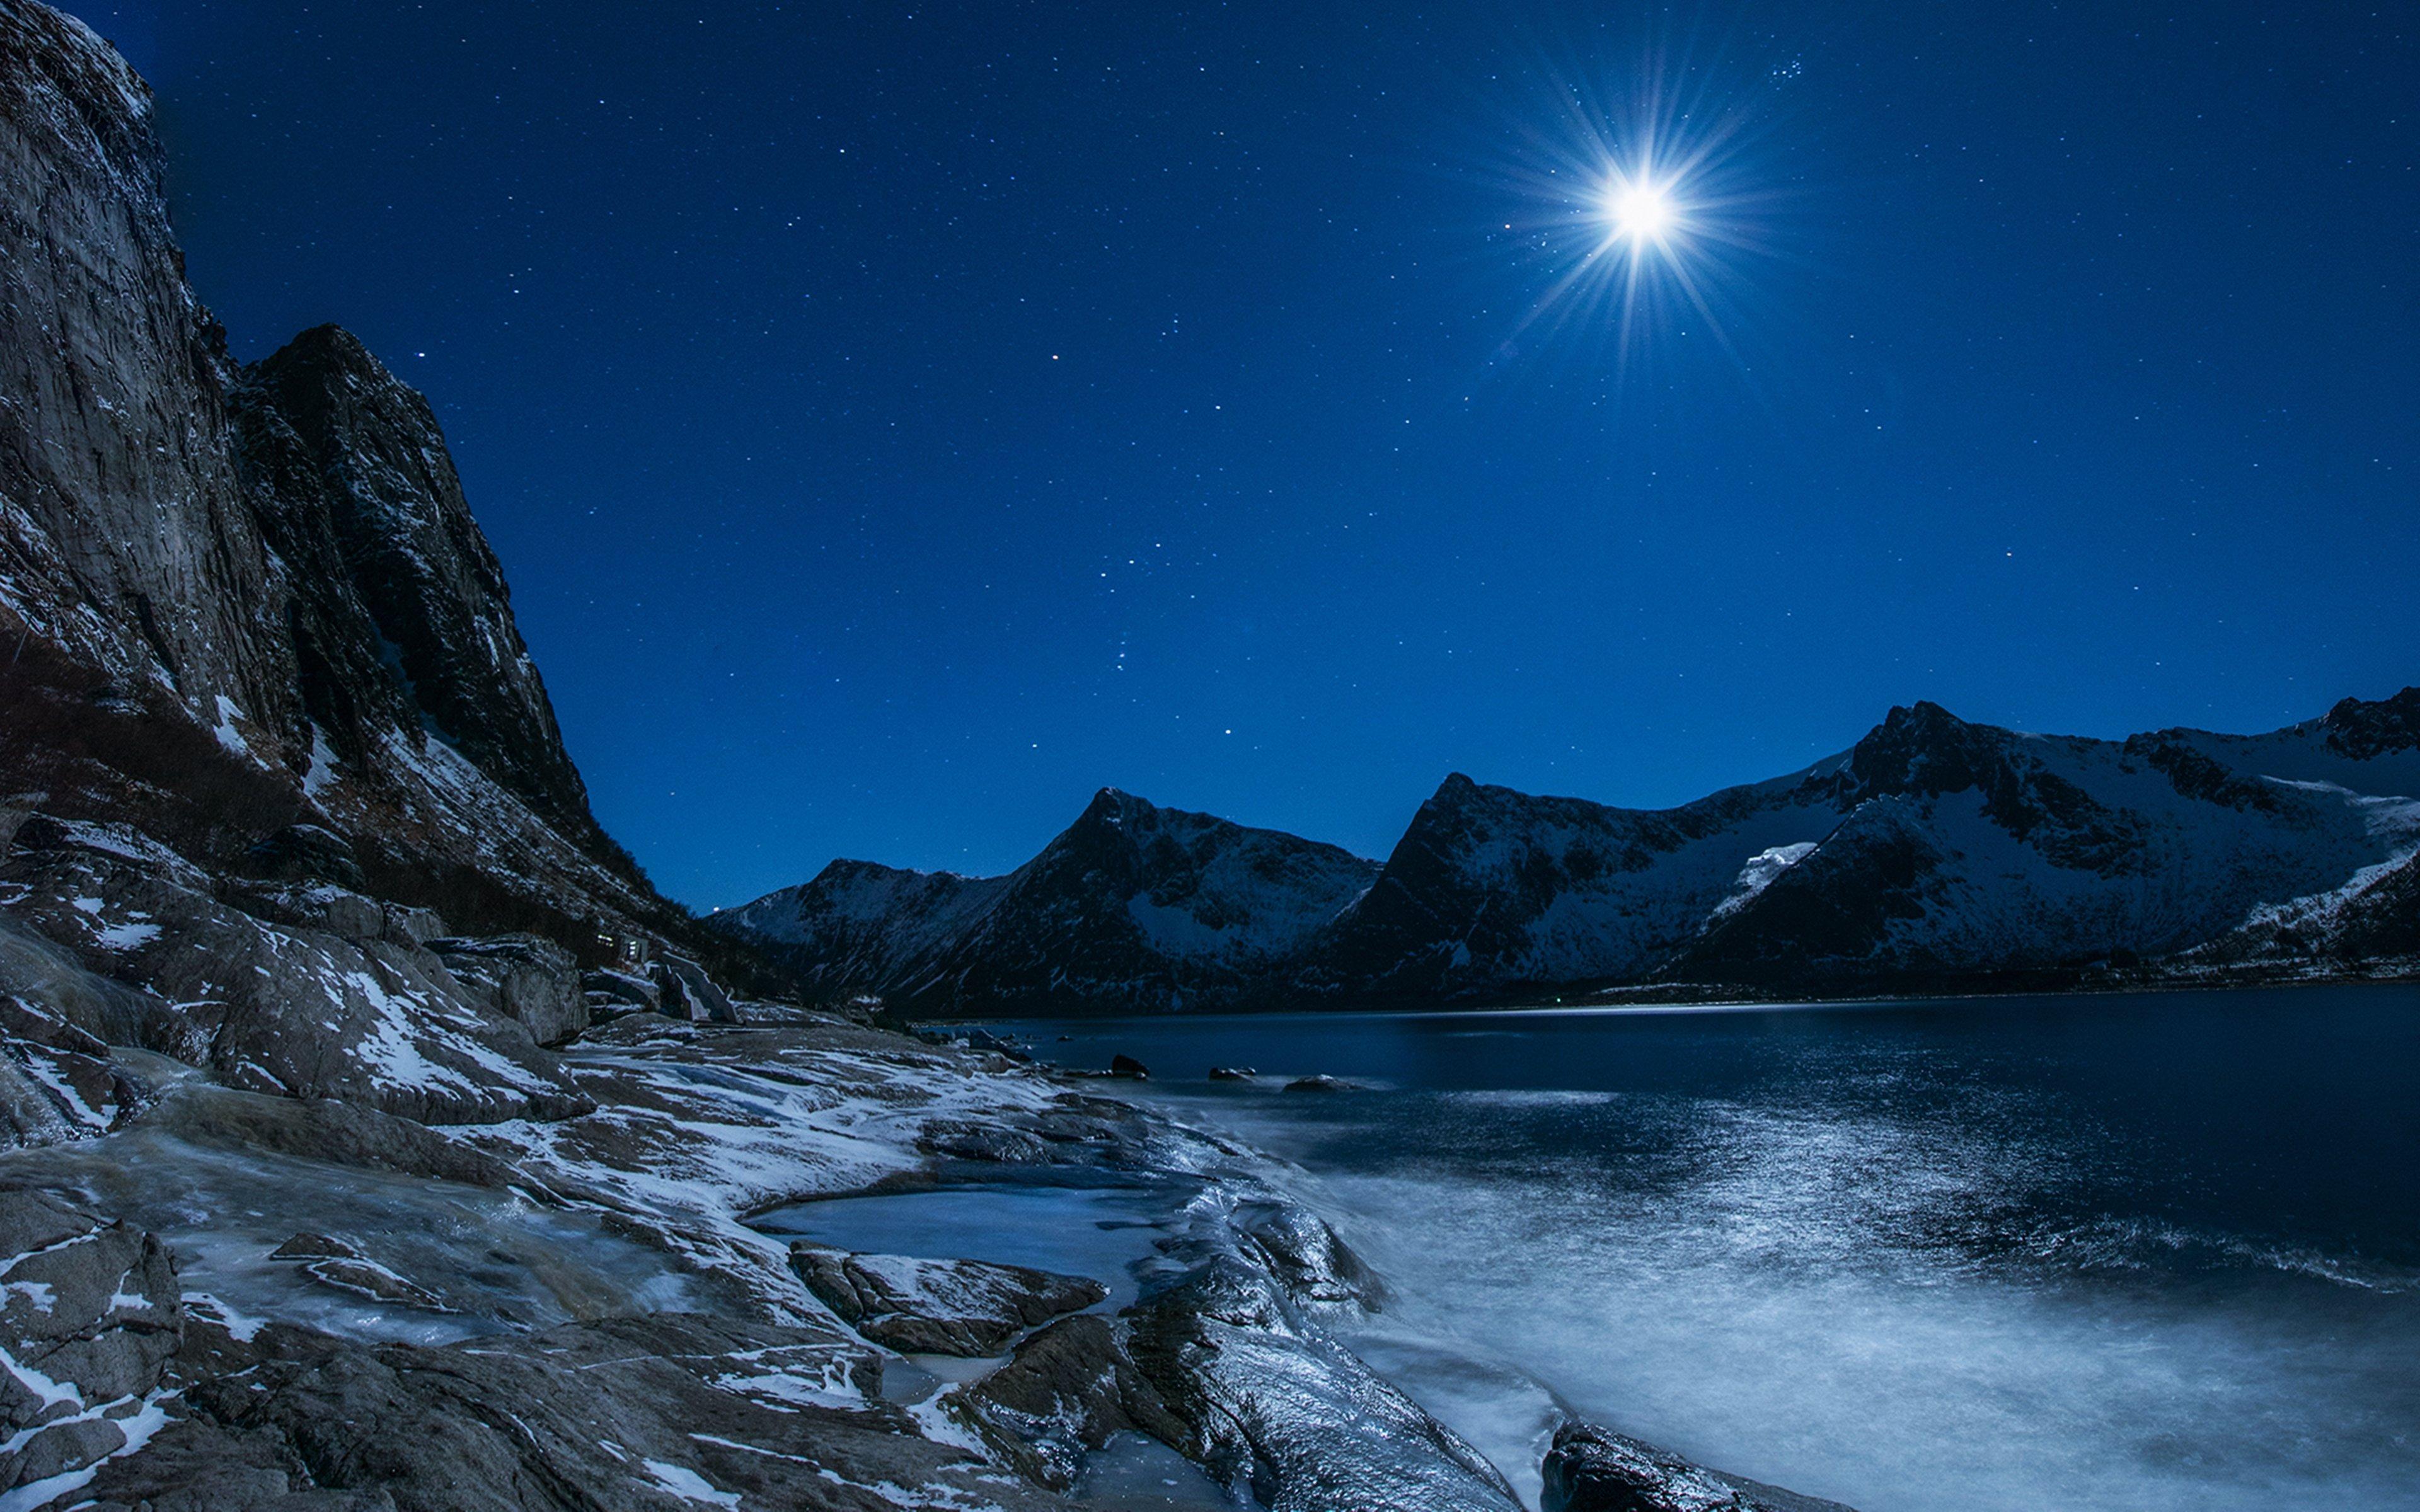 winter snow mountain moon - photo #11